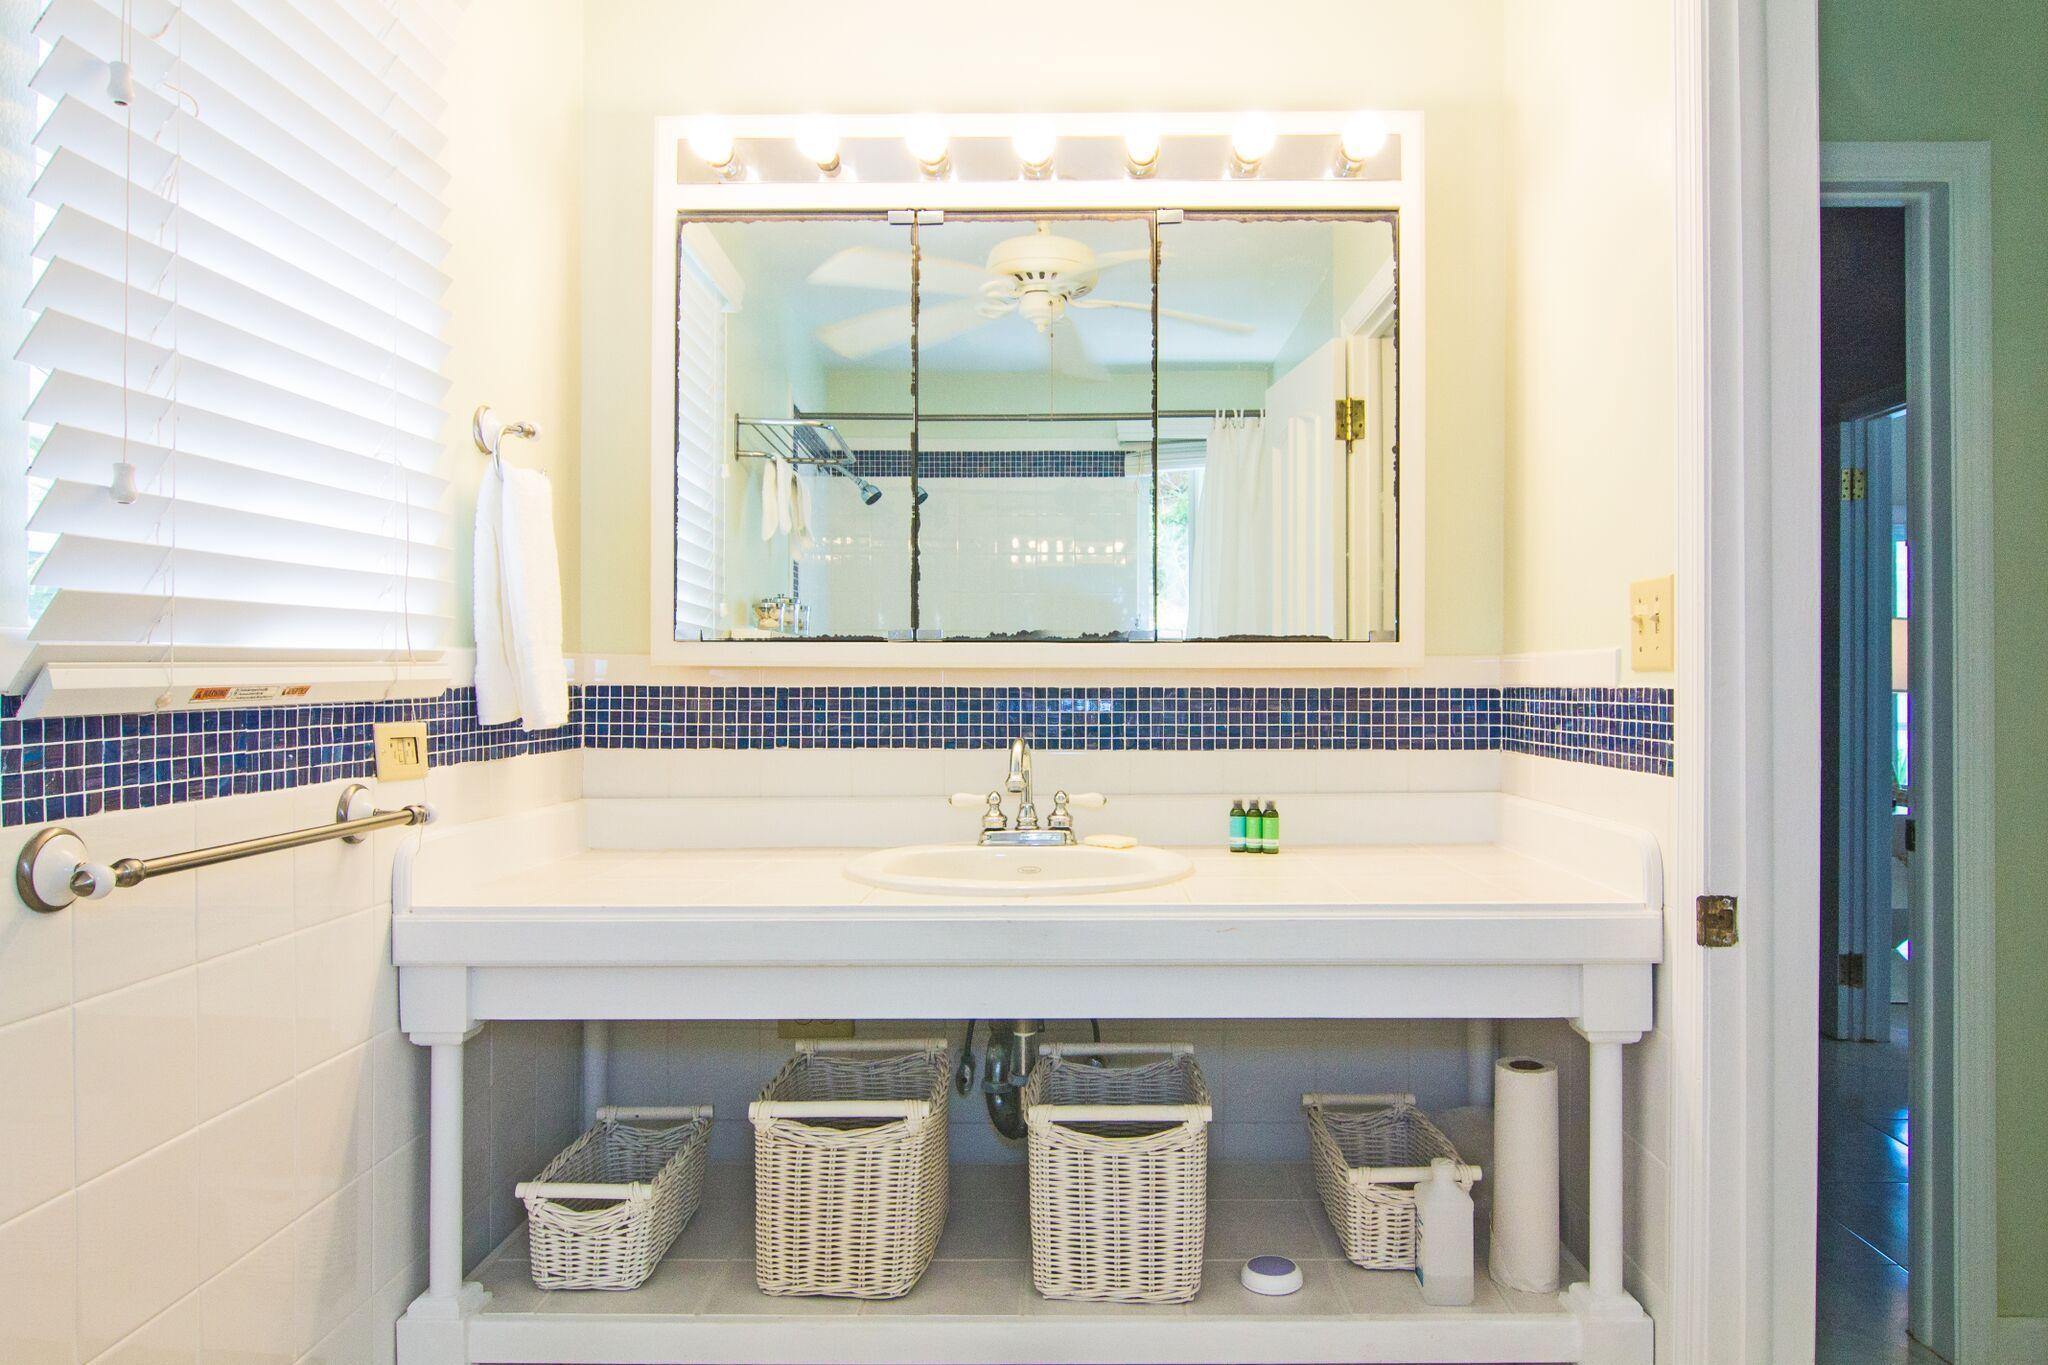 1-bdr apt shower